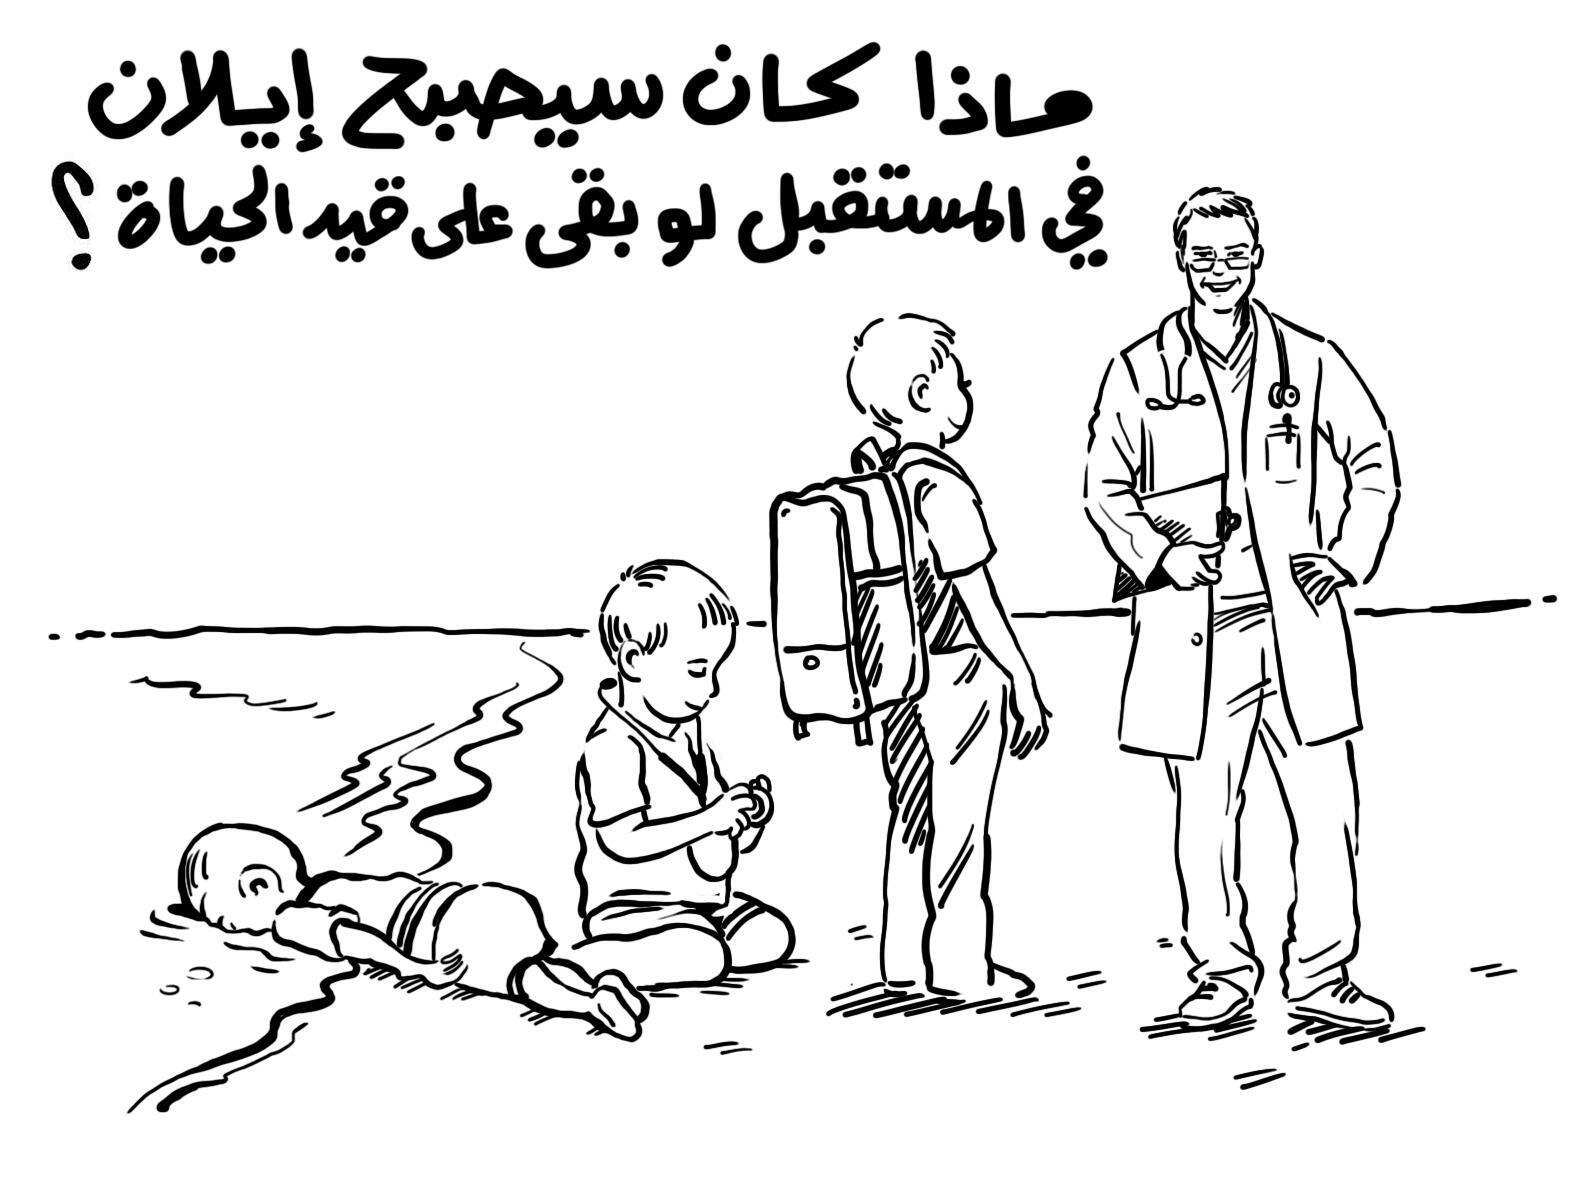 رسم كاريكاتور لأسامة حجاج ردا على شارلي إيبدو